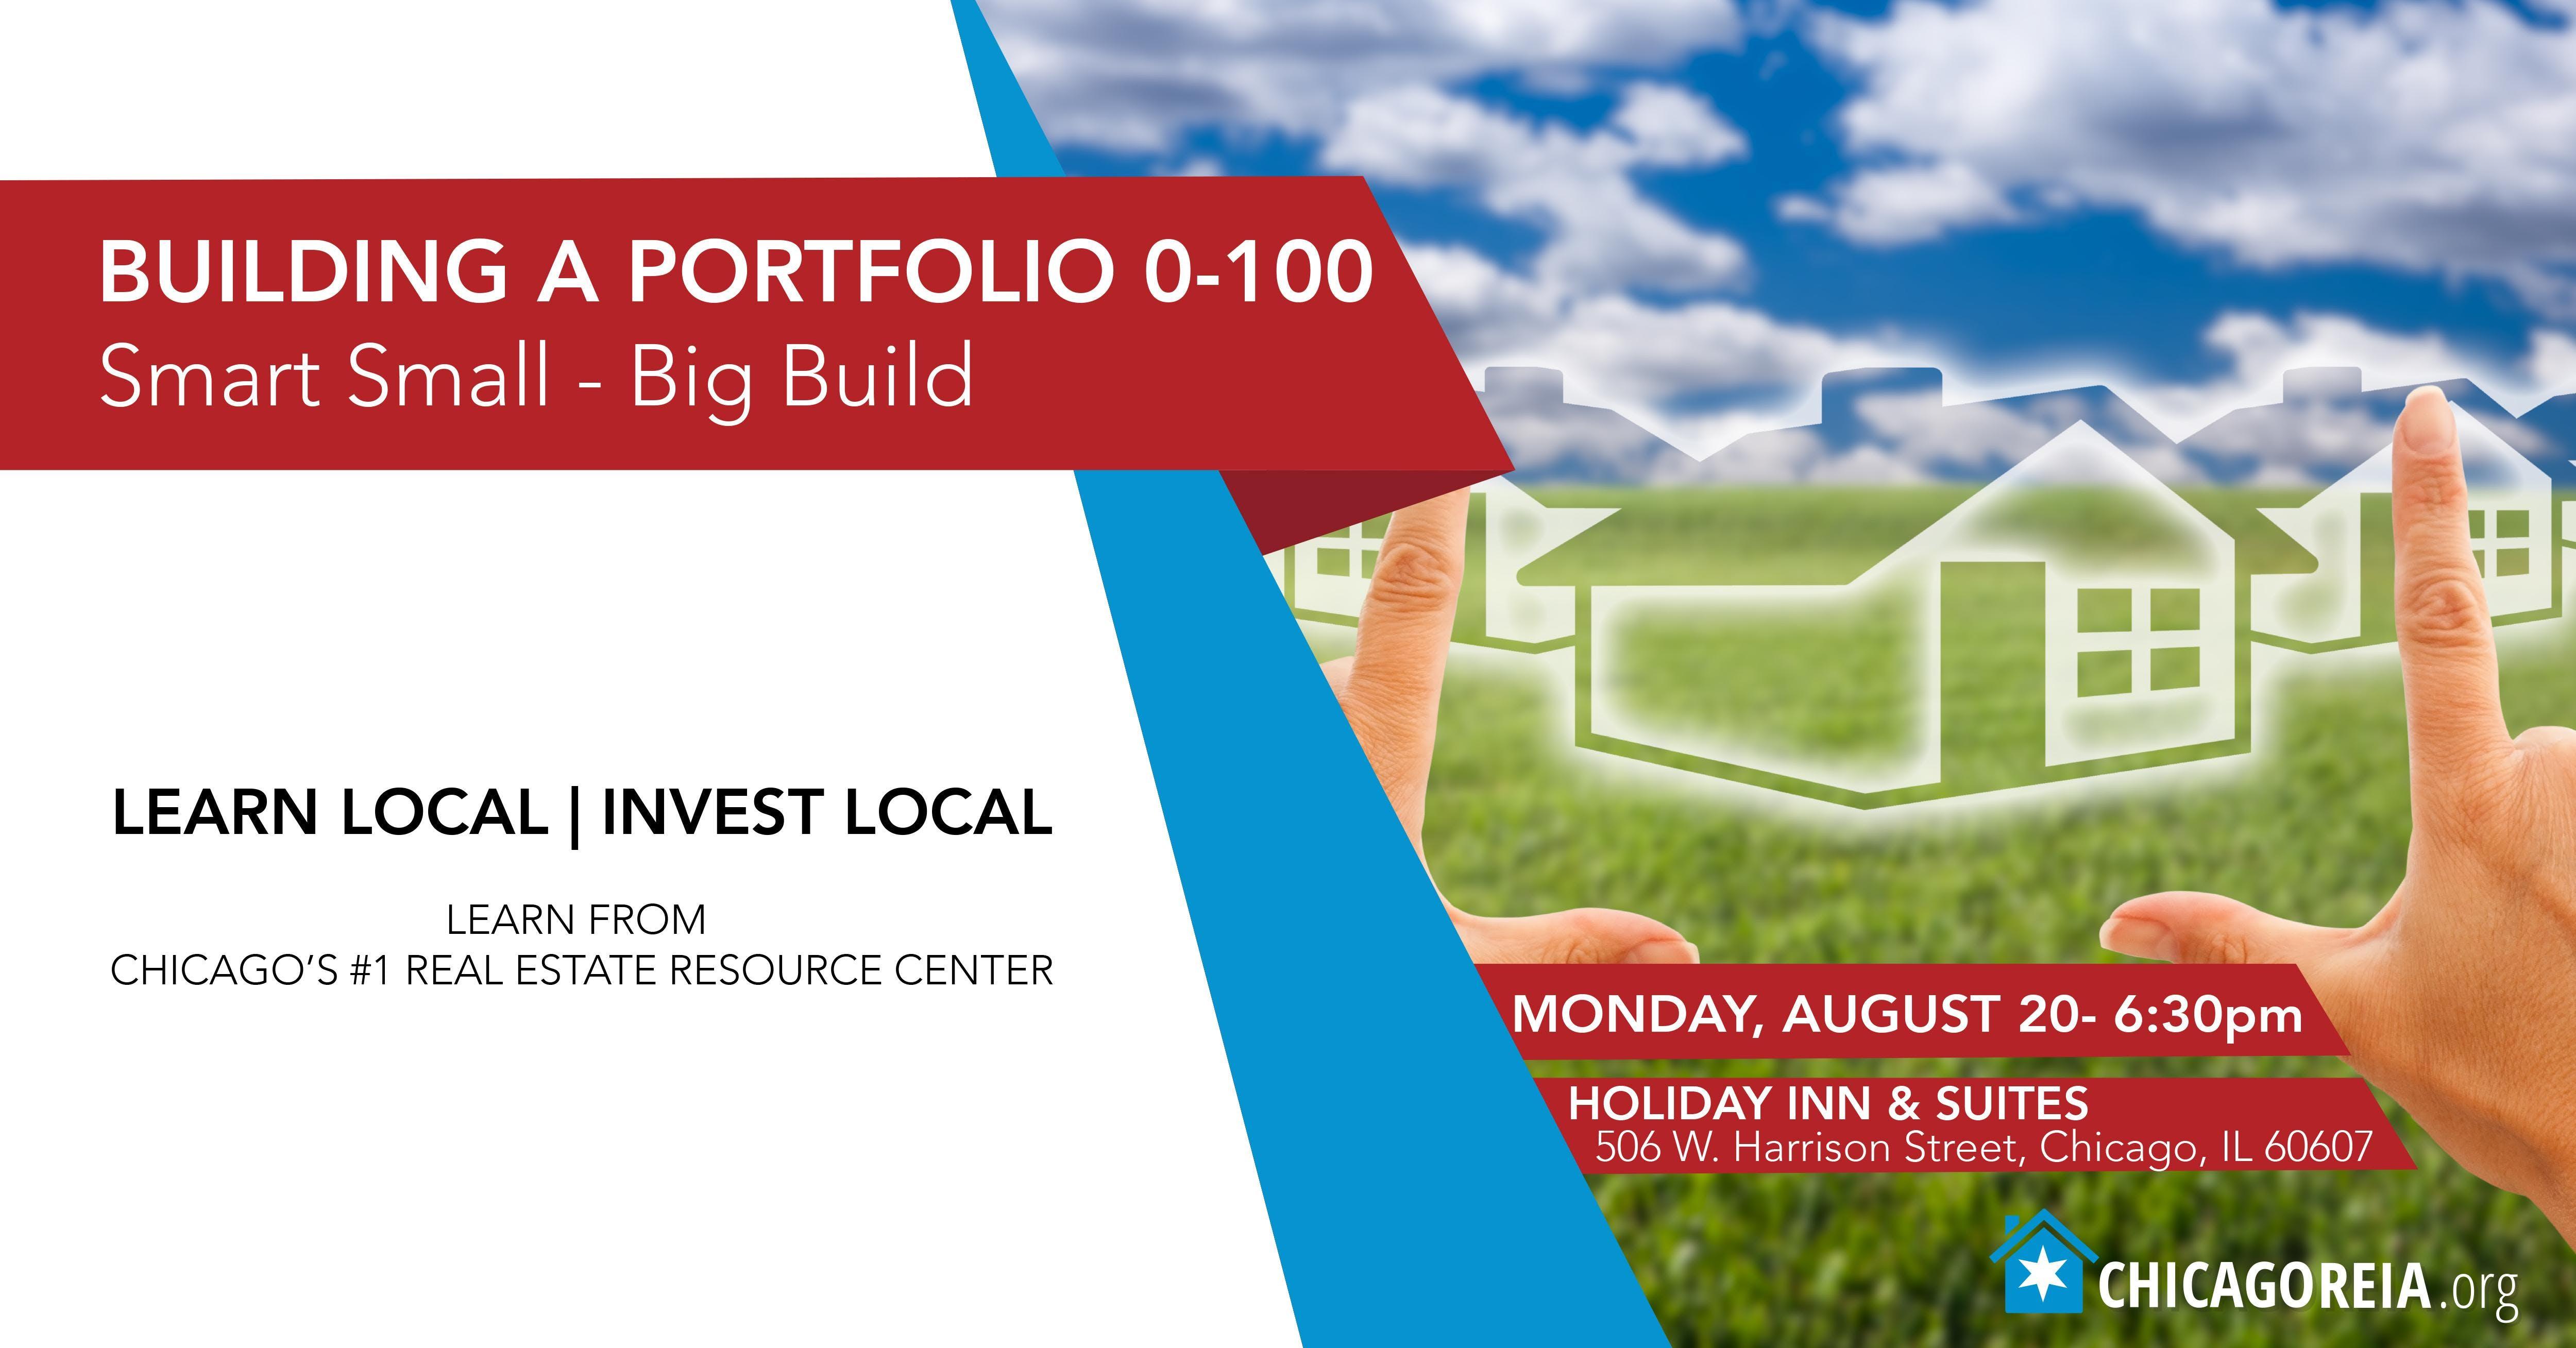 Building a Portfolio 0-100: Start Small Grow